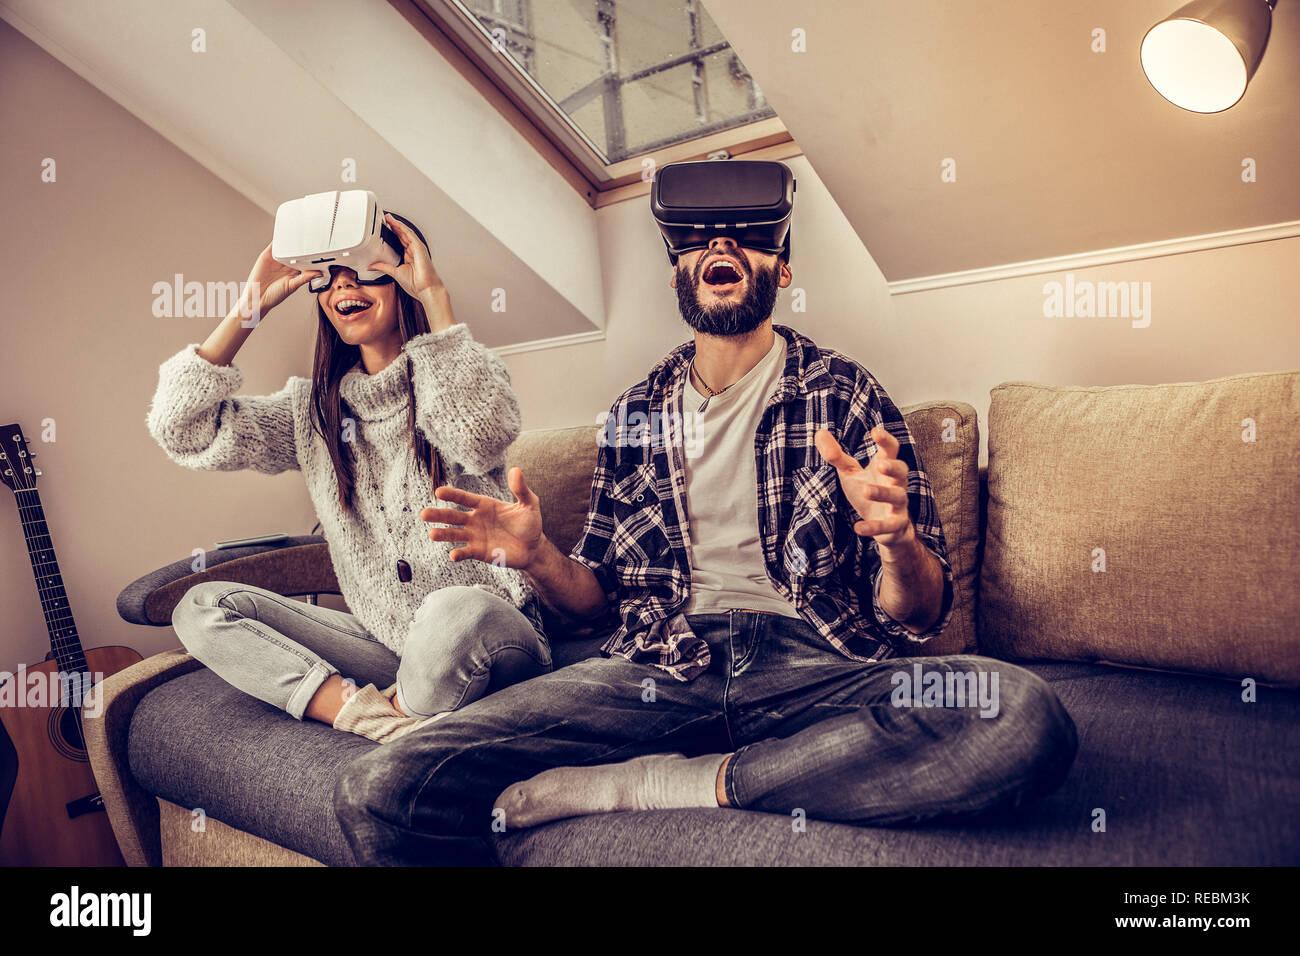 Alegre emocional agradable pareja utilizando gafas VR Foto de stock